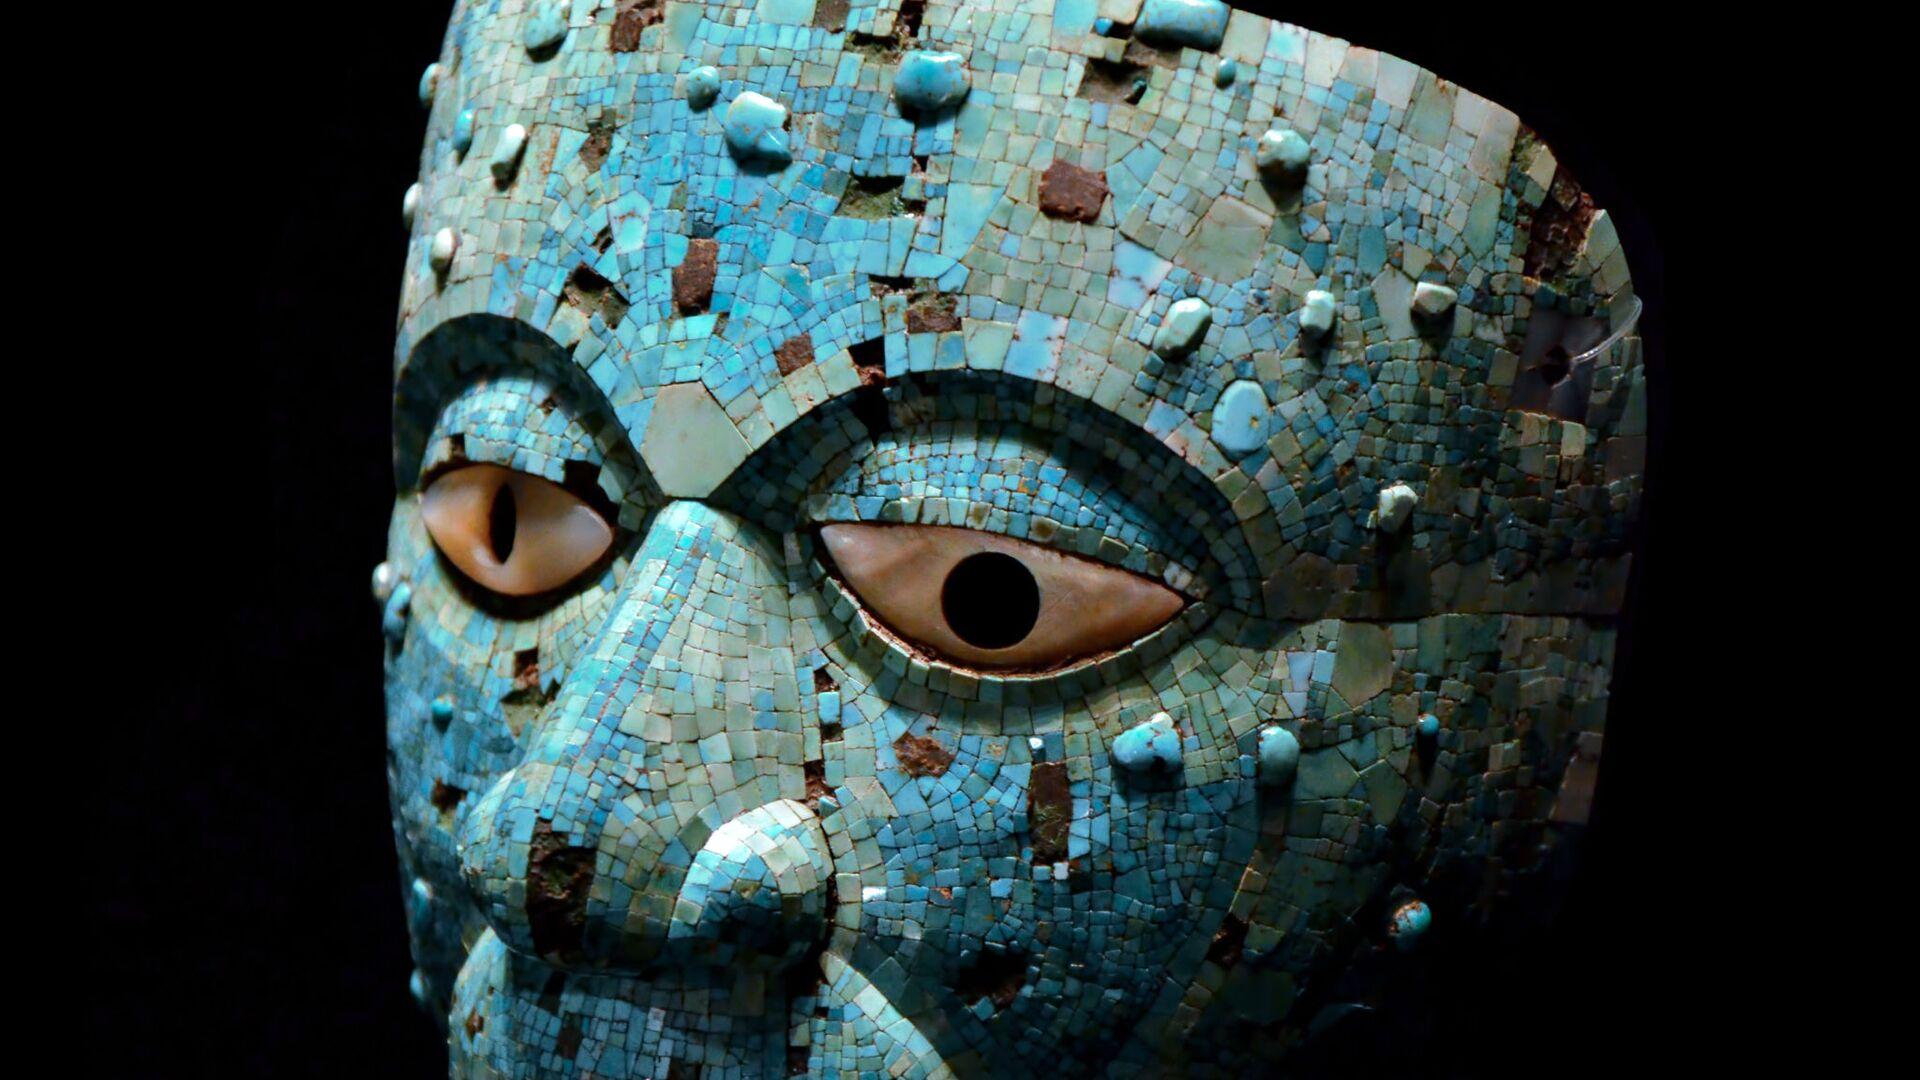 La caída de Tenochtitlán: ¿por qué cayó la civilización azteca? - Sputnik Mundo, 1920, 08.11.2019